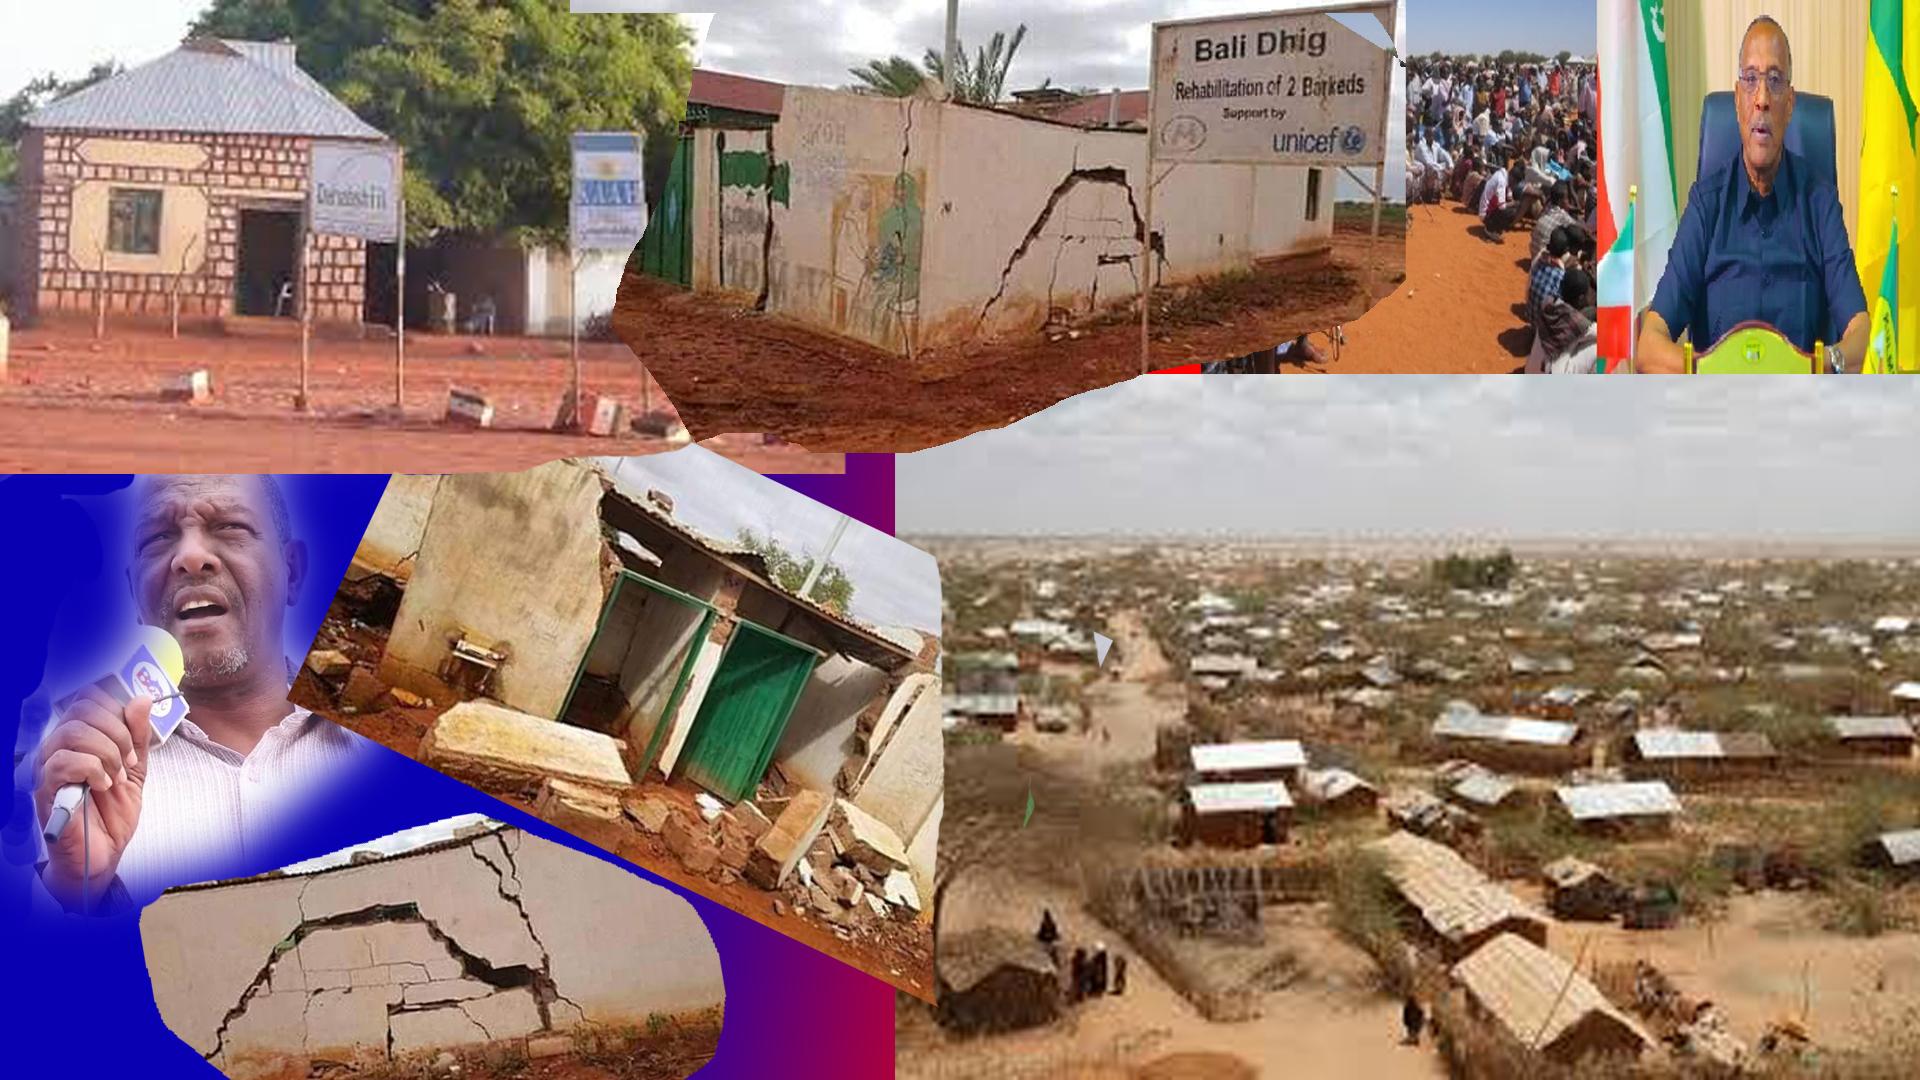 Xukuumadda Somaliland oo Dhegaha ka furaysatay Waxa u Qabashada Degmada Balidhiig Oo Ah Halbawlaha Somaliland